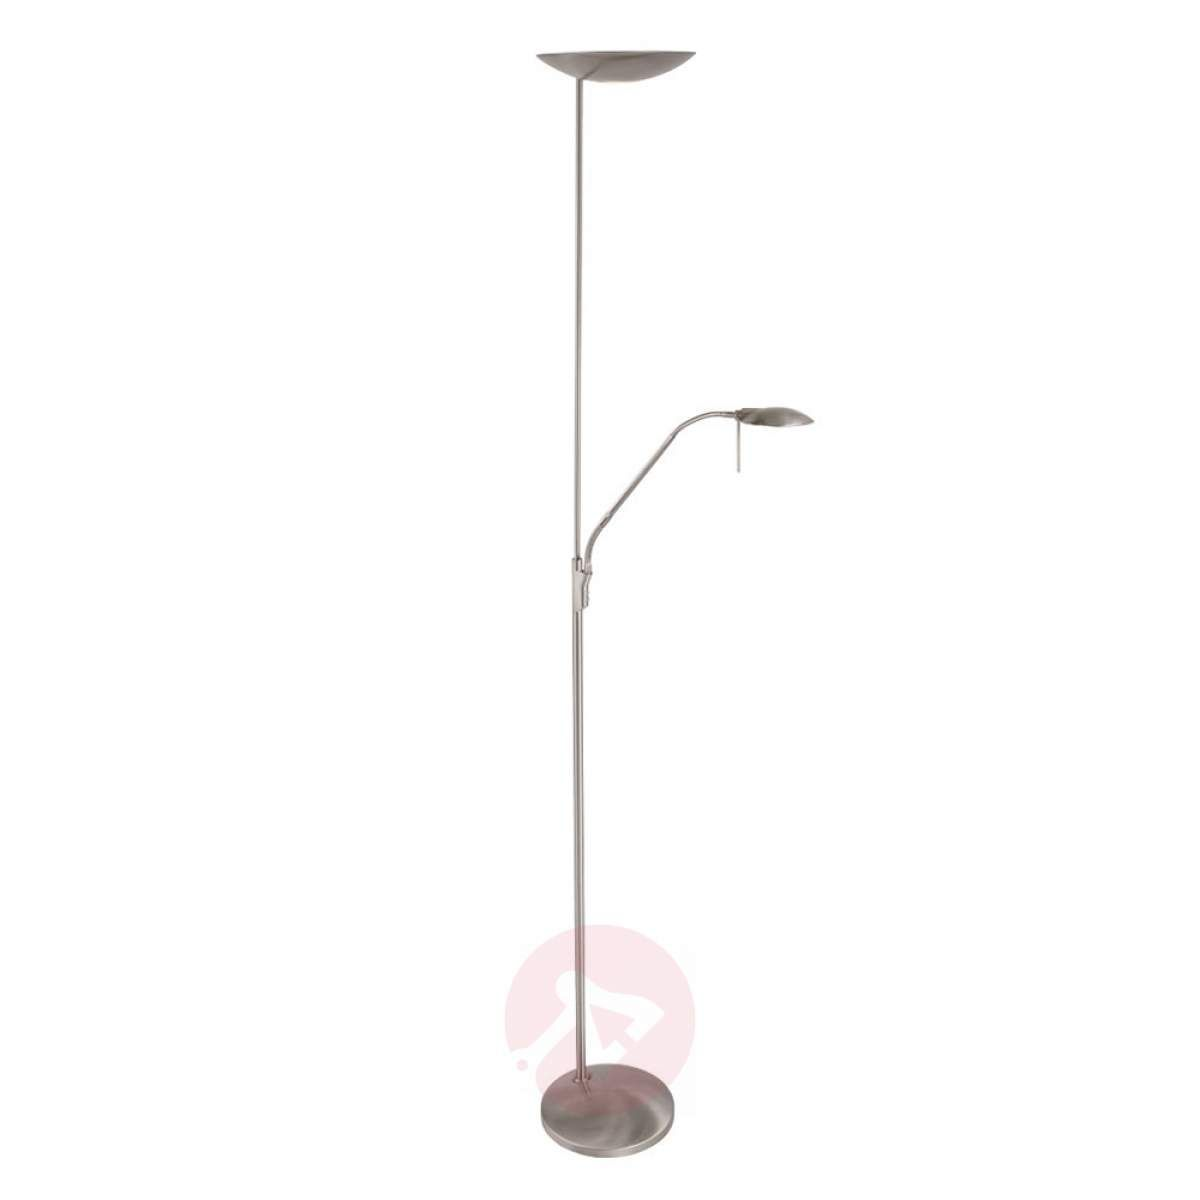 lampy stojące salon lamp kraków ul piłsudskiego